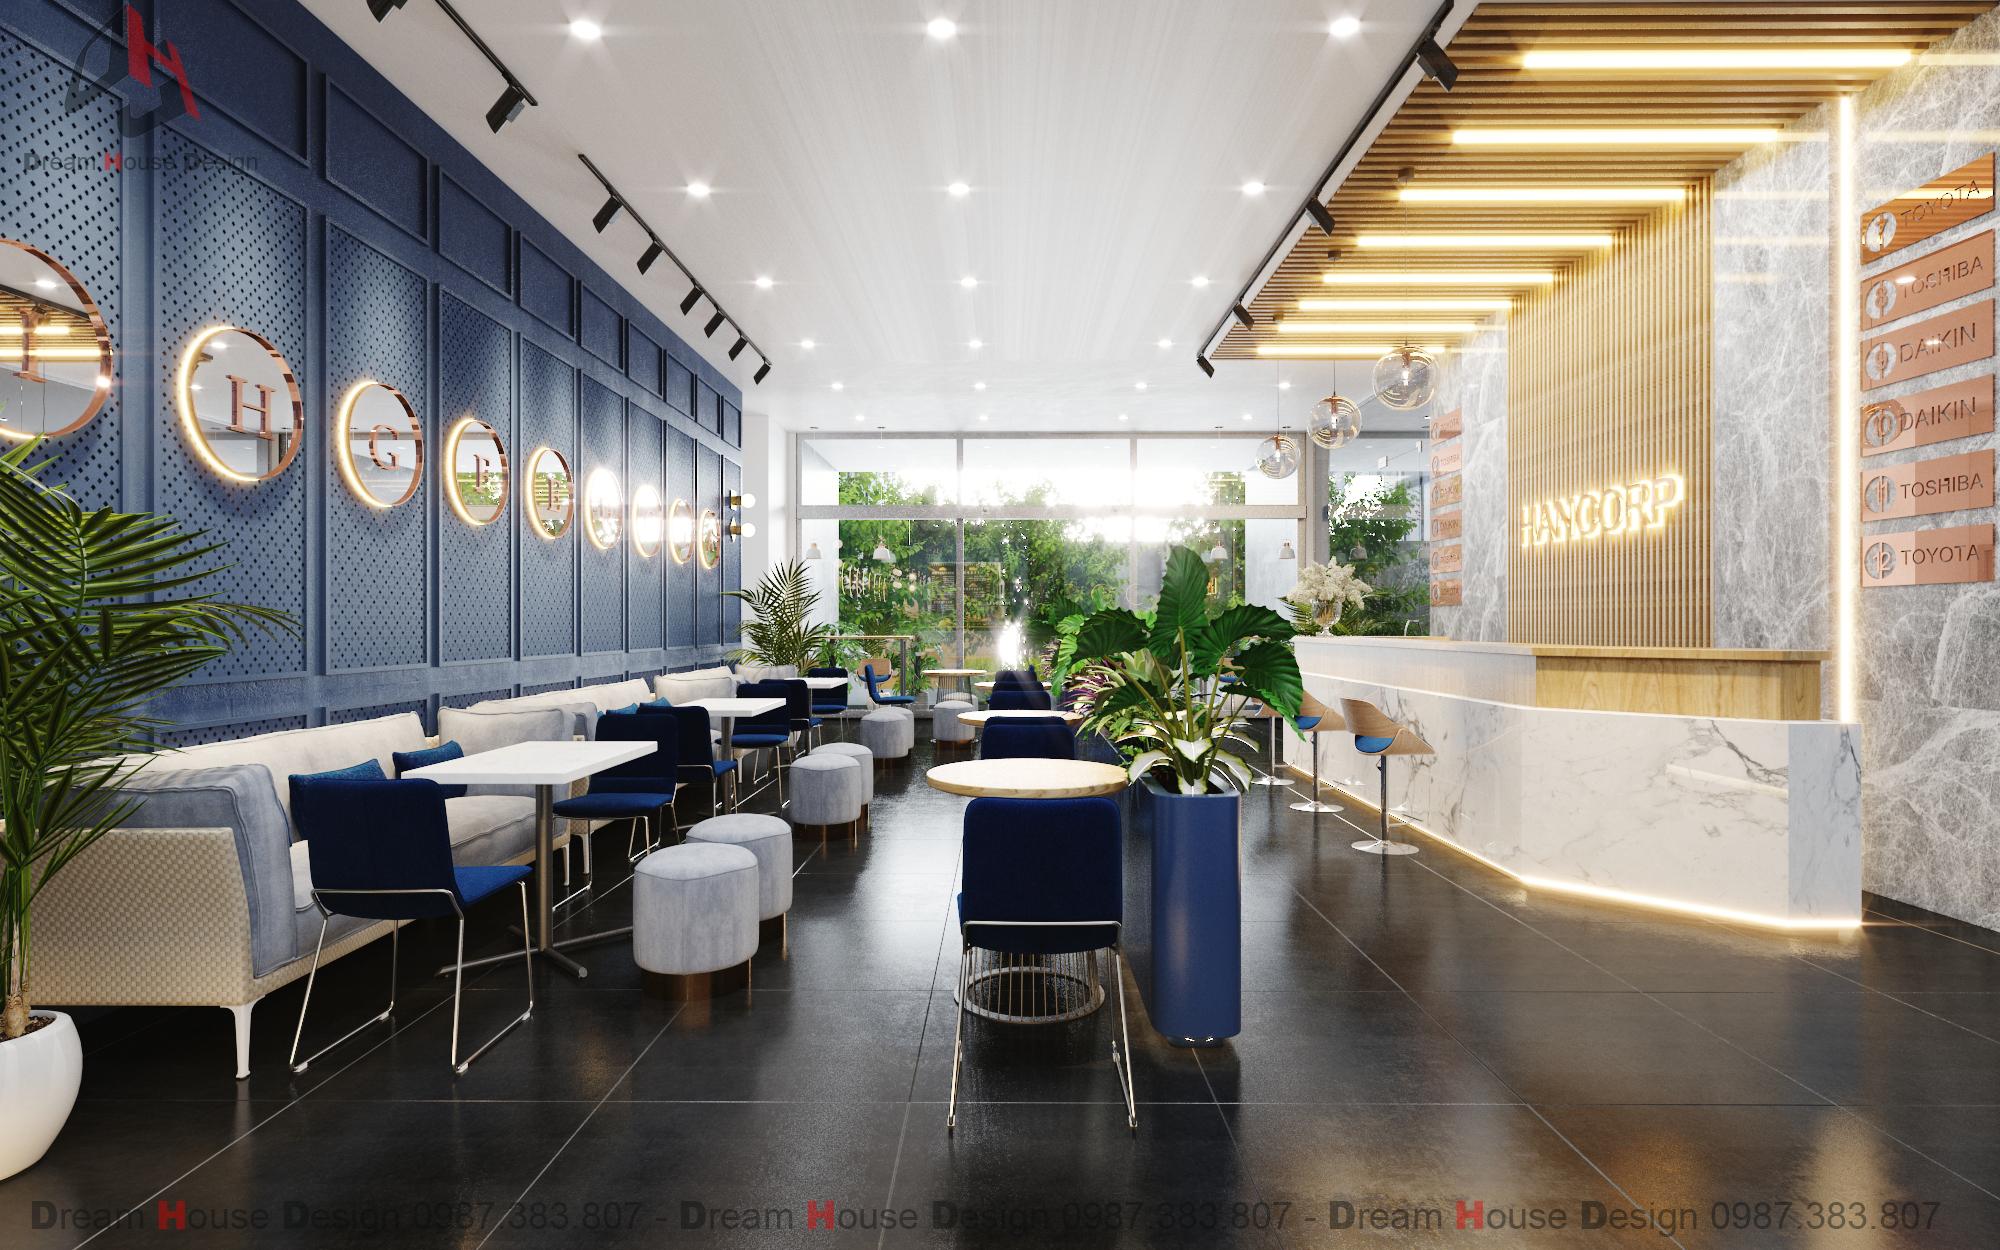 thiết kế nội thất Văn Phòng tại Hà Nội SẢNH VĂN PHÒNG TÒA NHÀ HANCORP PLAZA 3 1553137335